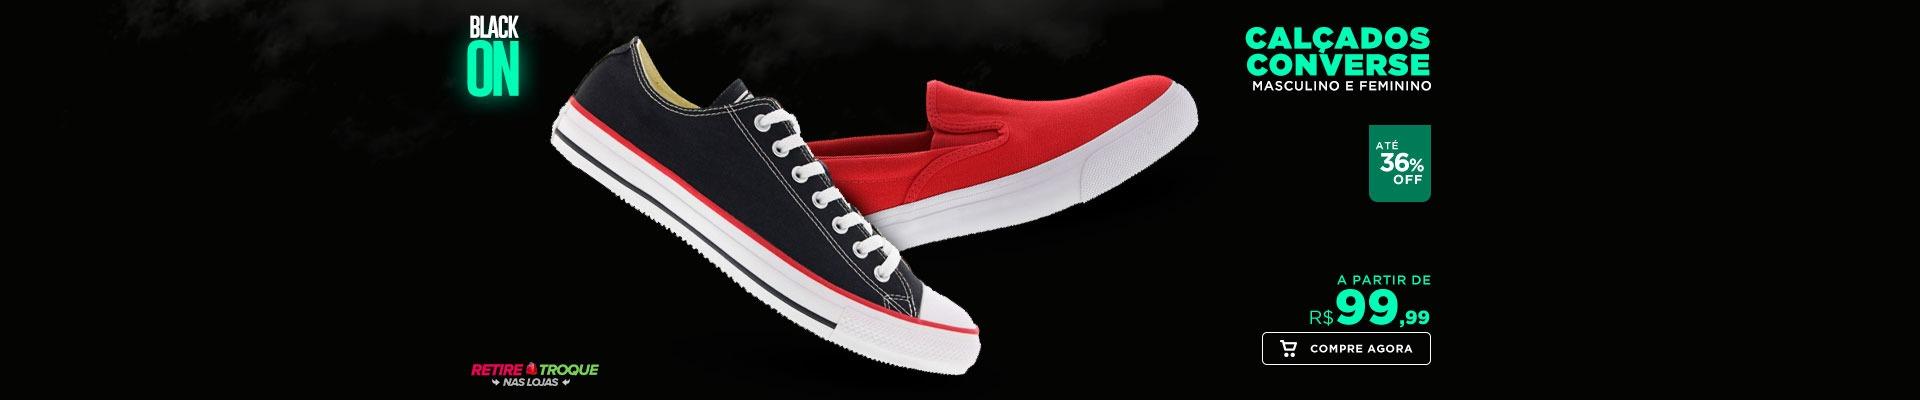 Calçados Converse